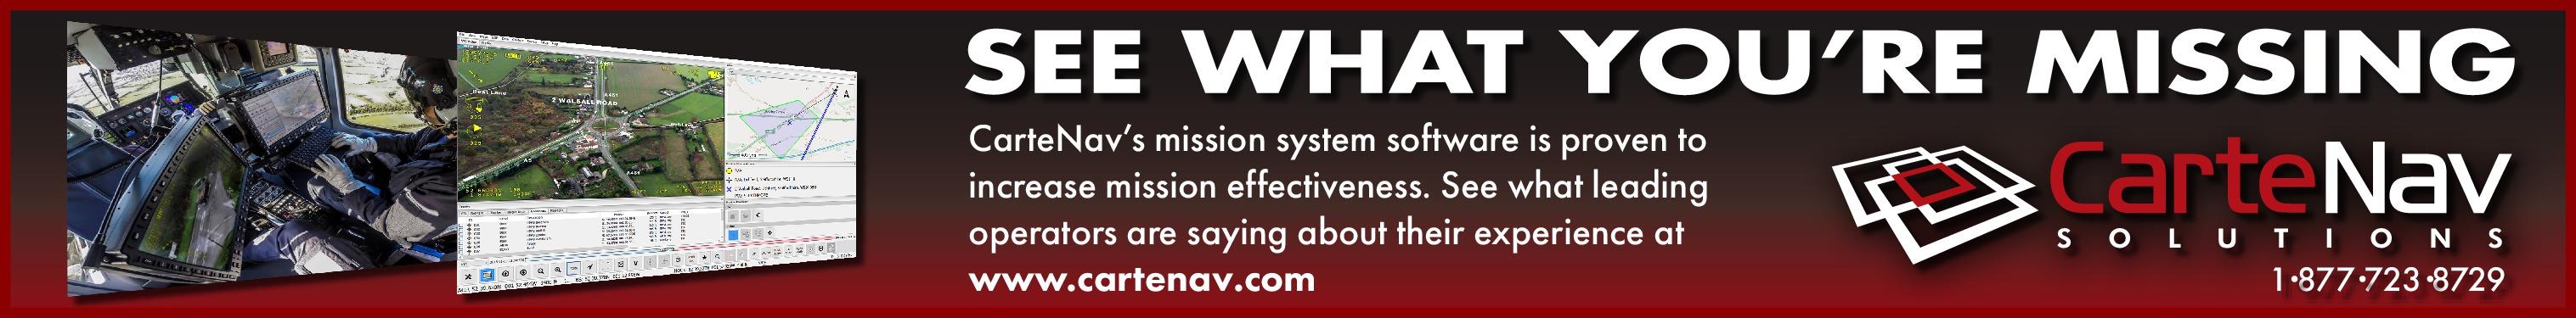 CarteNav Solutions